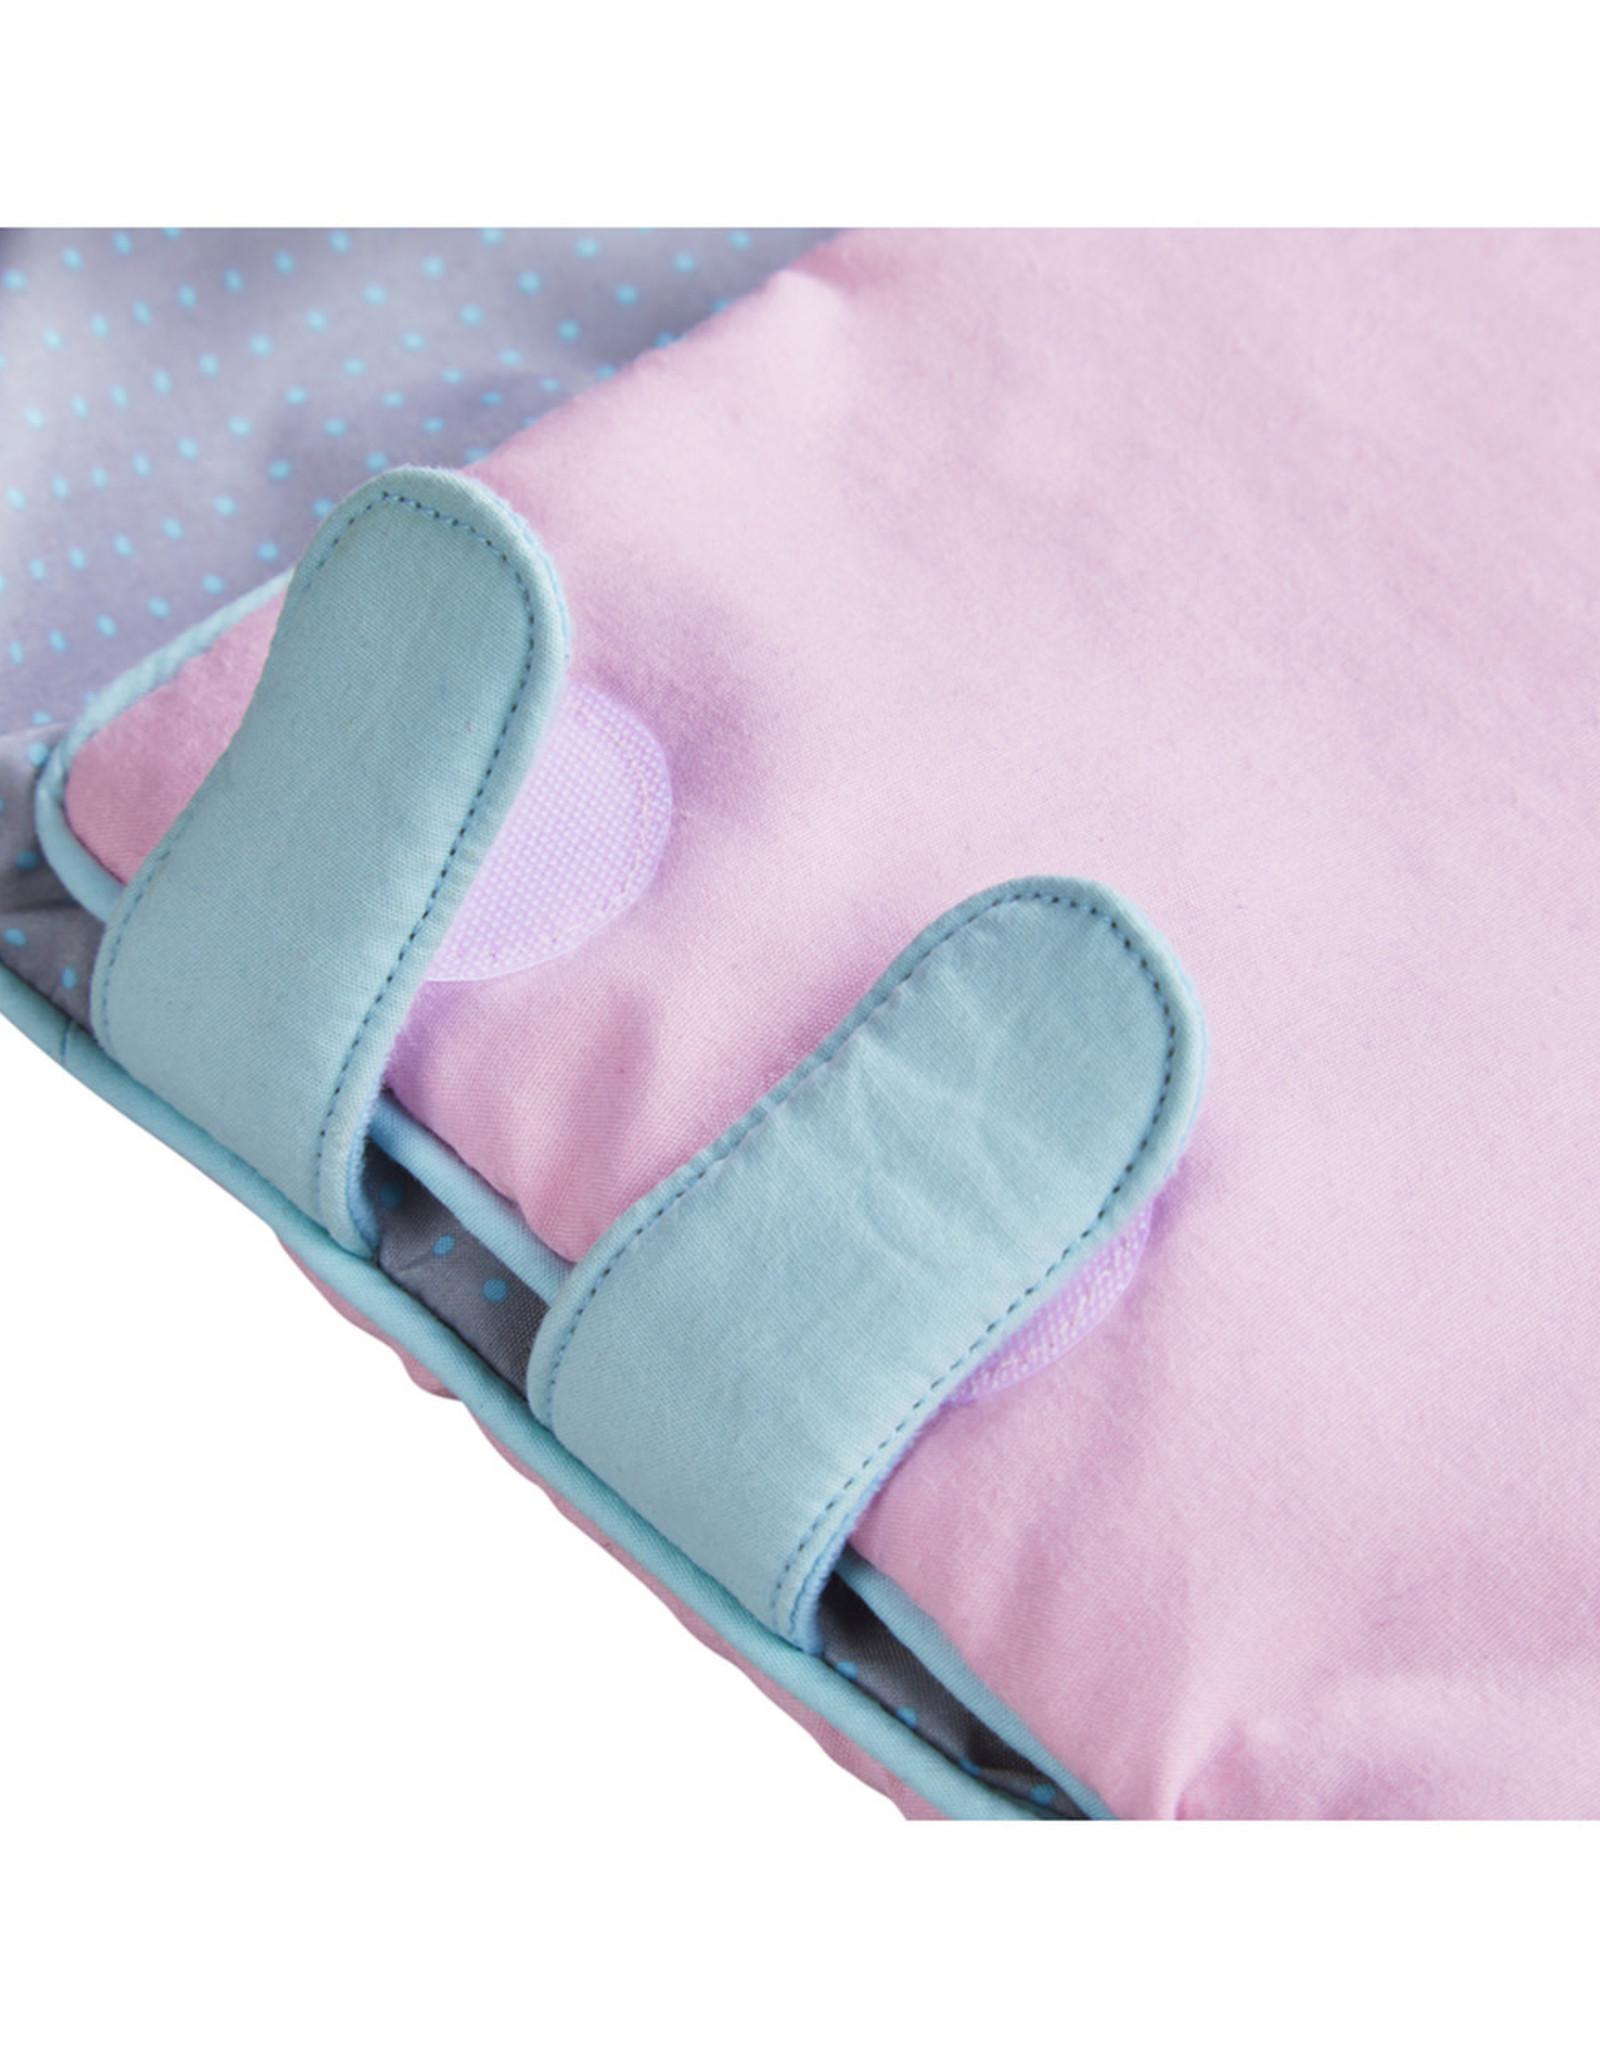 Haba Doll Sleeping Bag